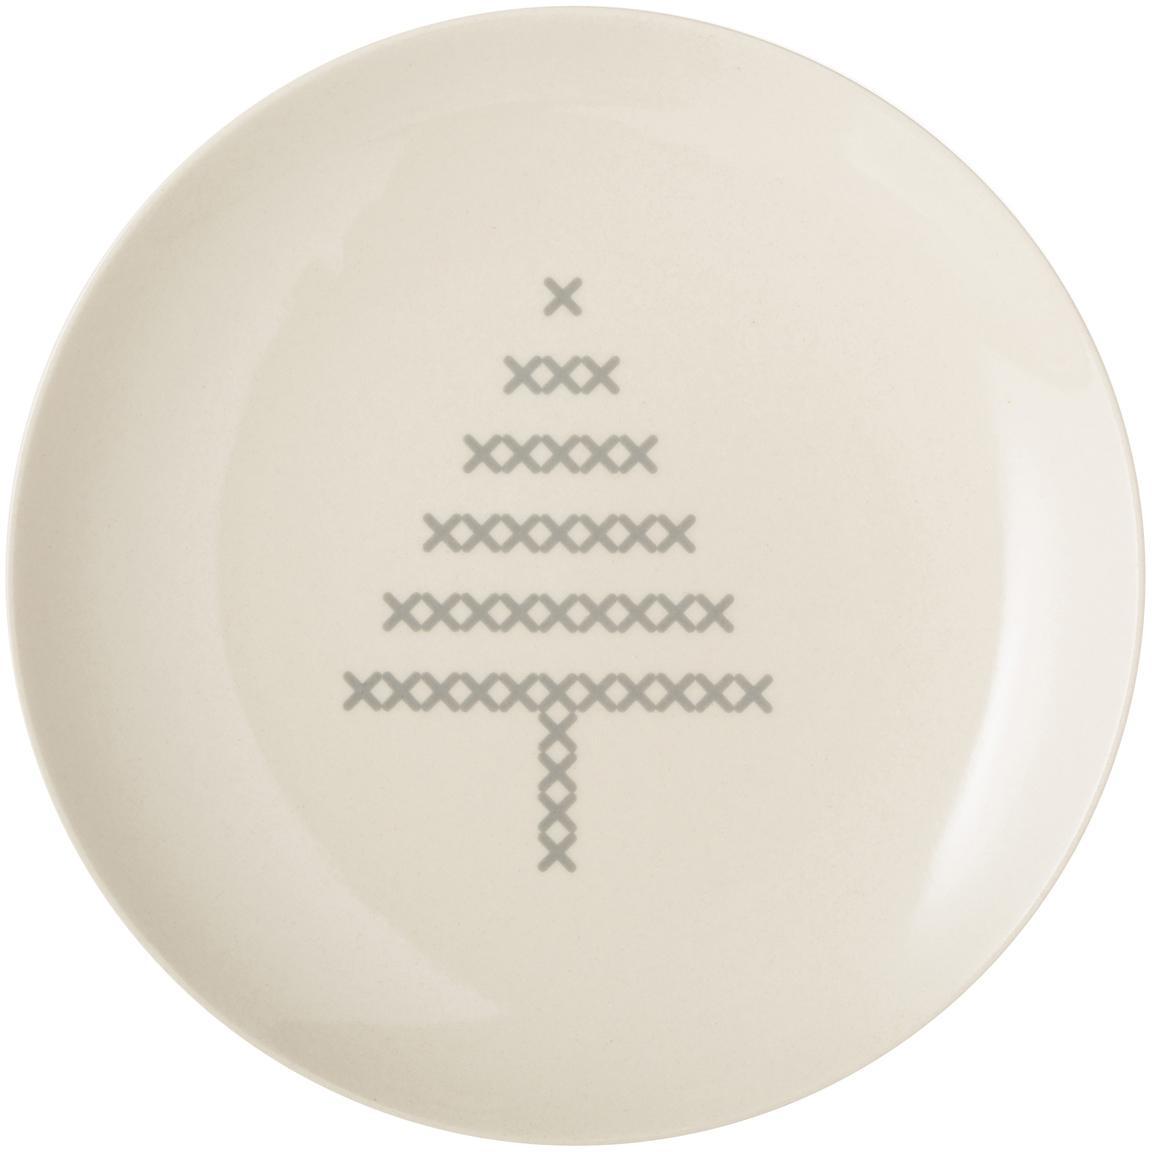 Brotteller Cross mit Weihnachts-Motiv, Keramik, Gebrochenes Weiss, Grau, Ø 16 cm